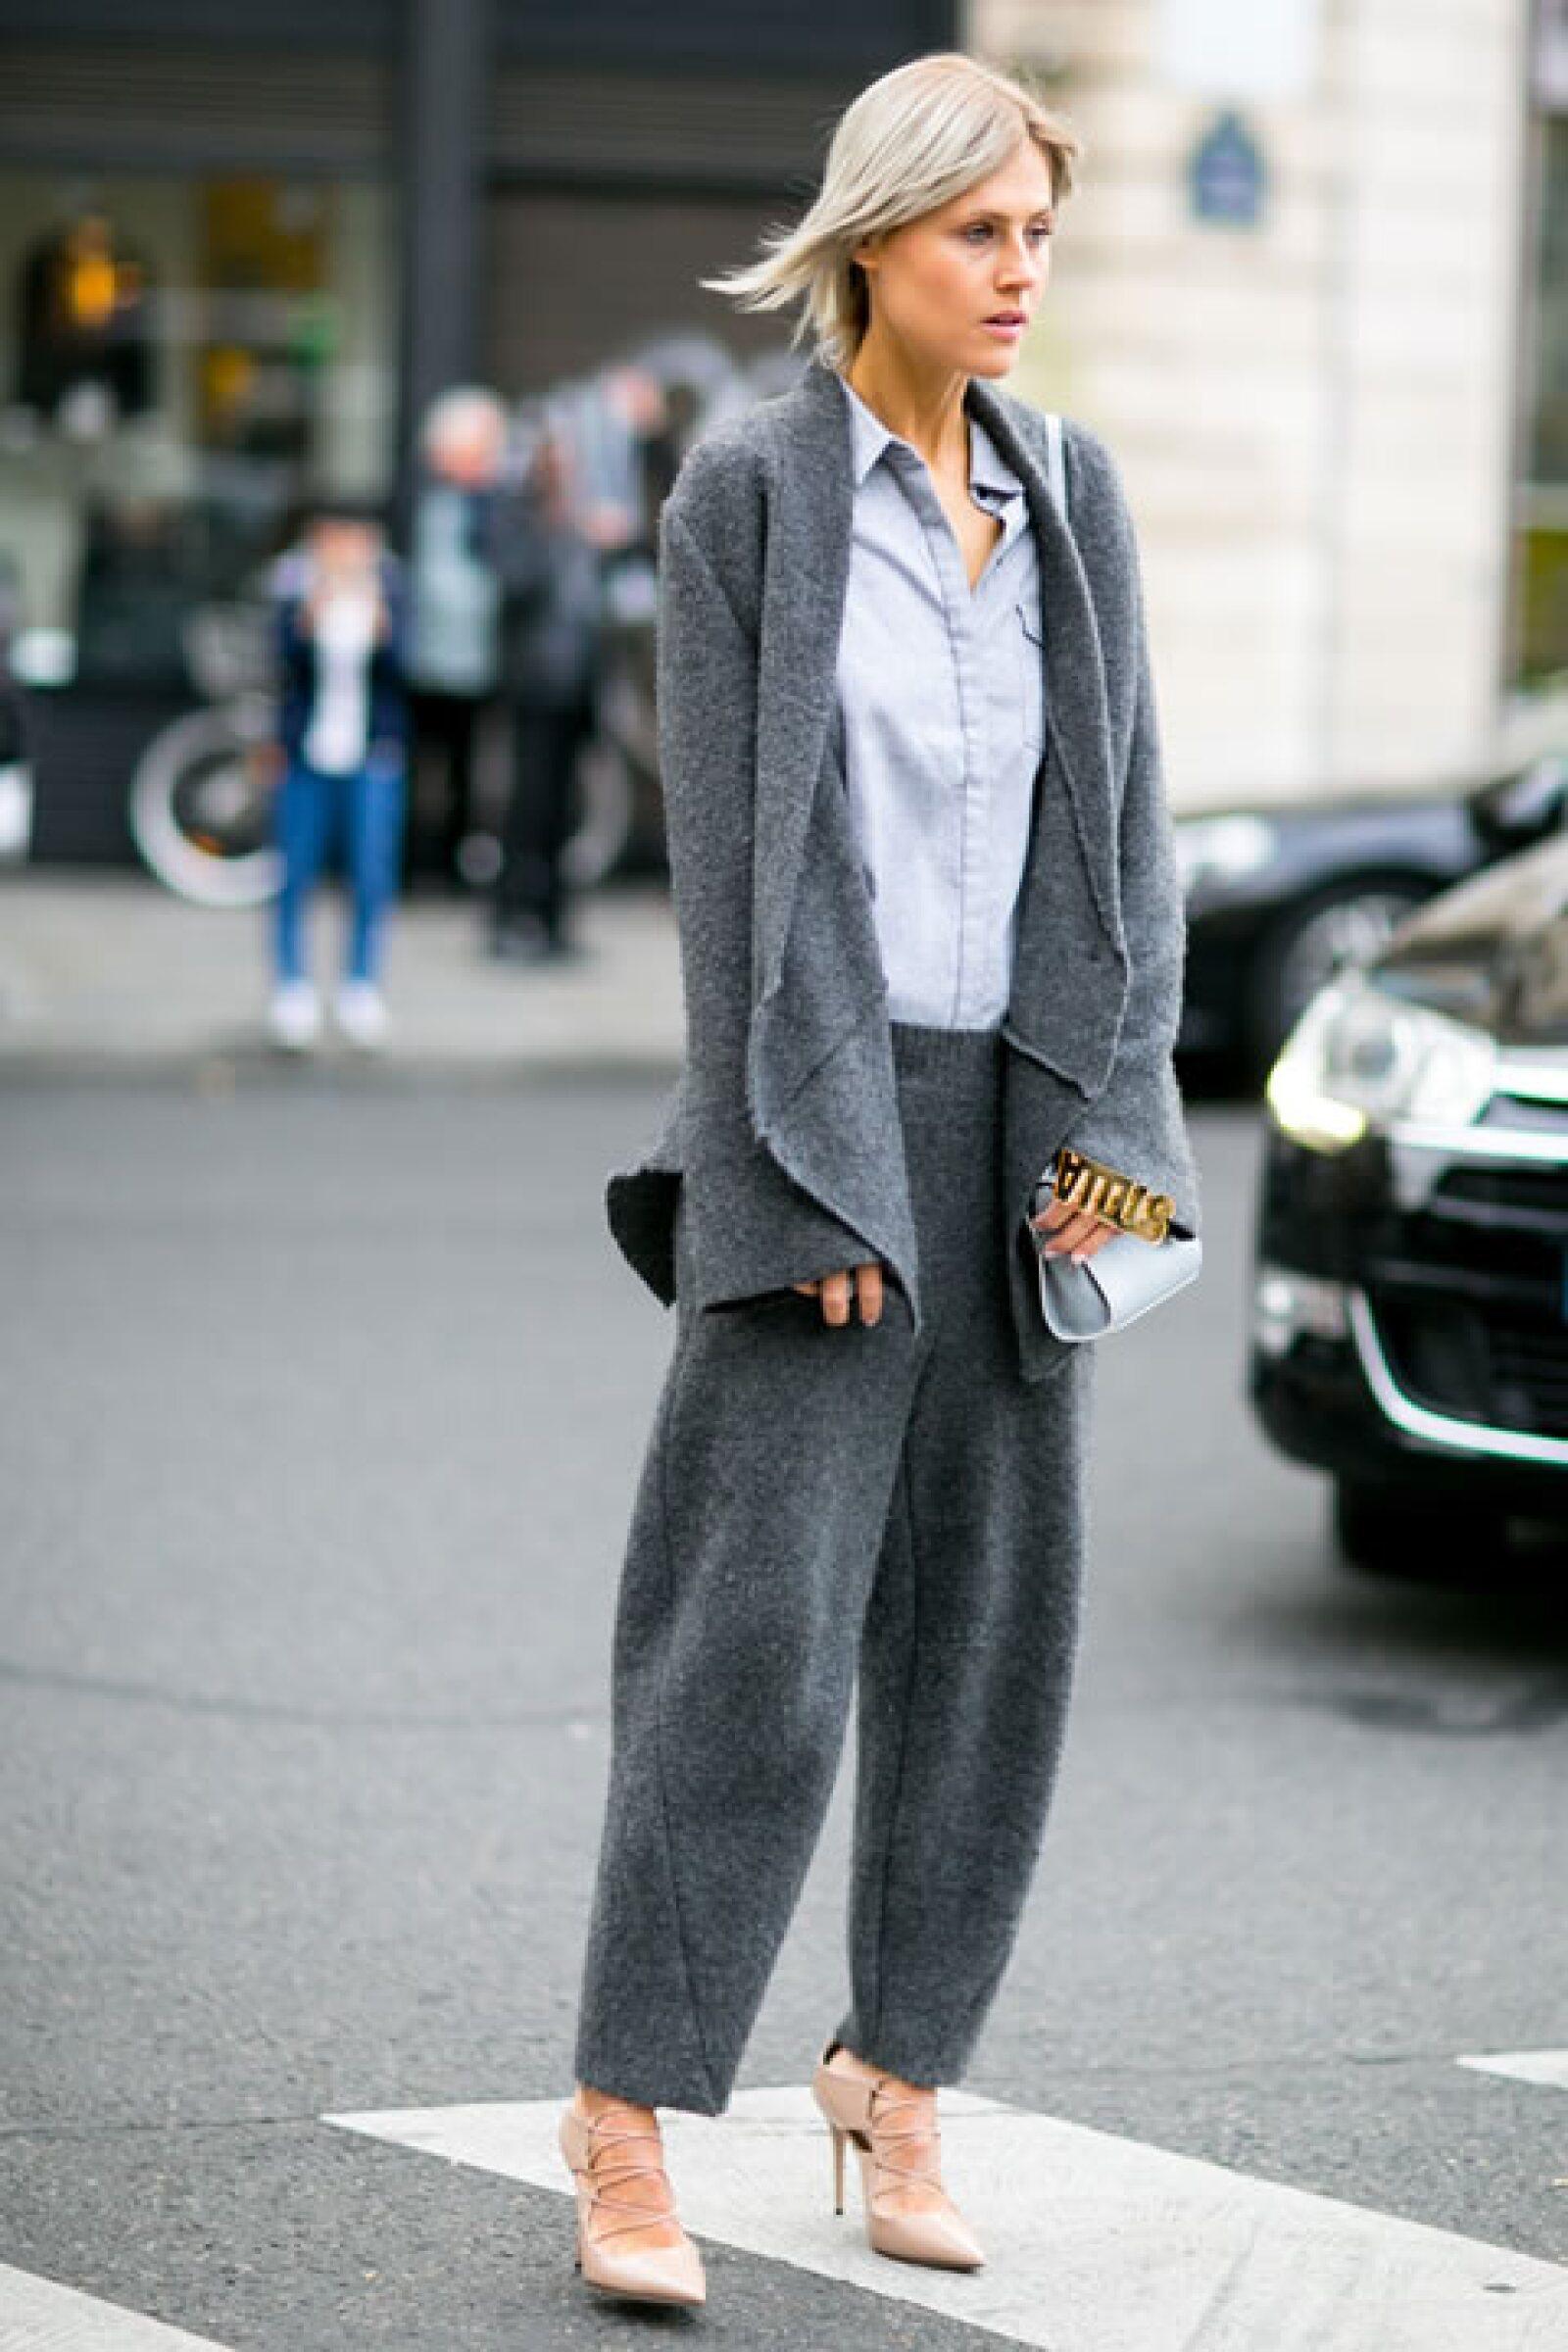 Sal de tu zona de comfort y usa two pieces de texturas diferentes y combínalas con pointy heels.